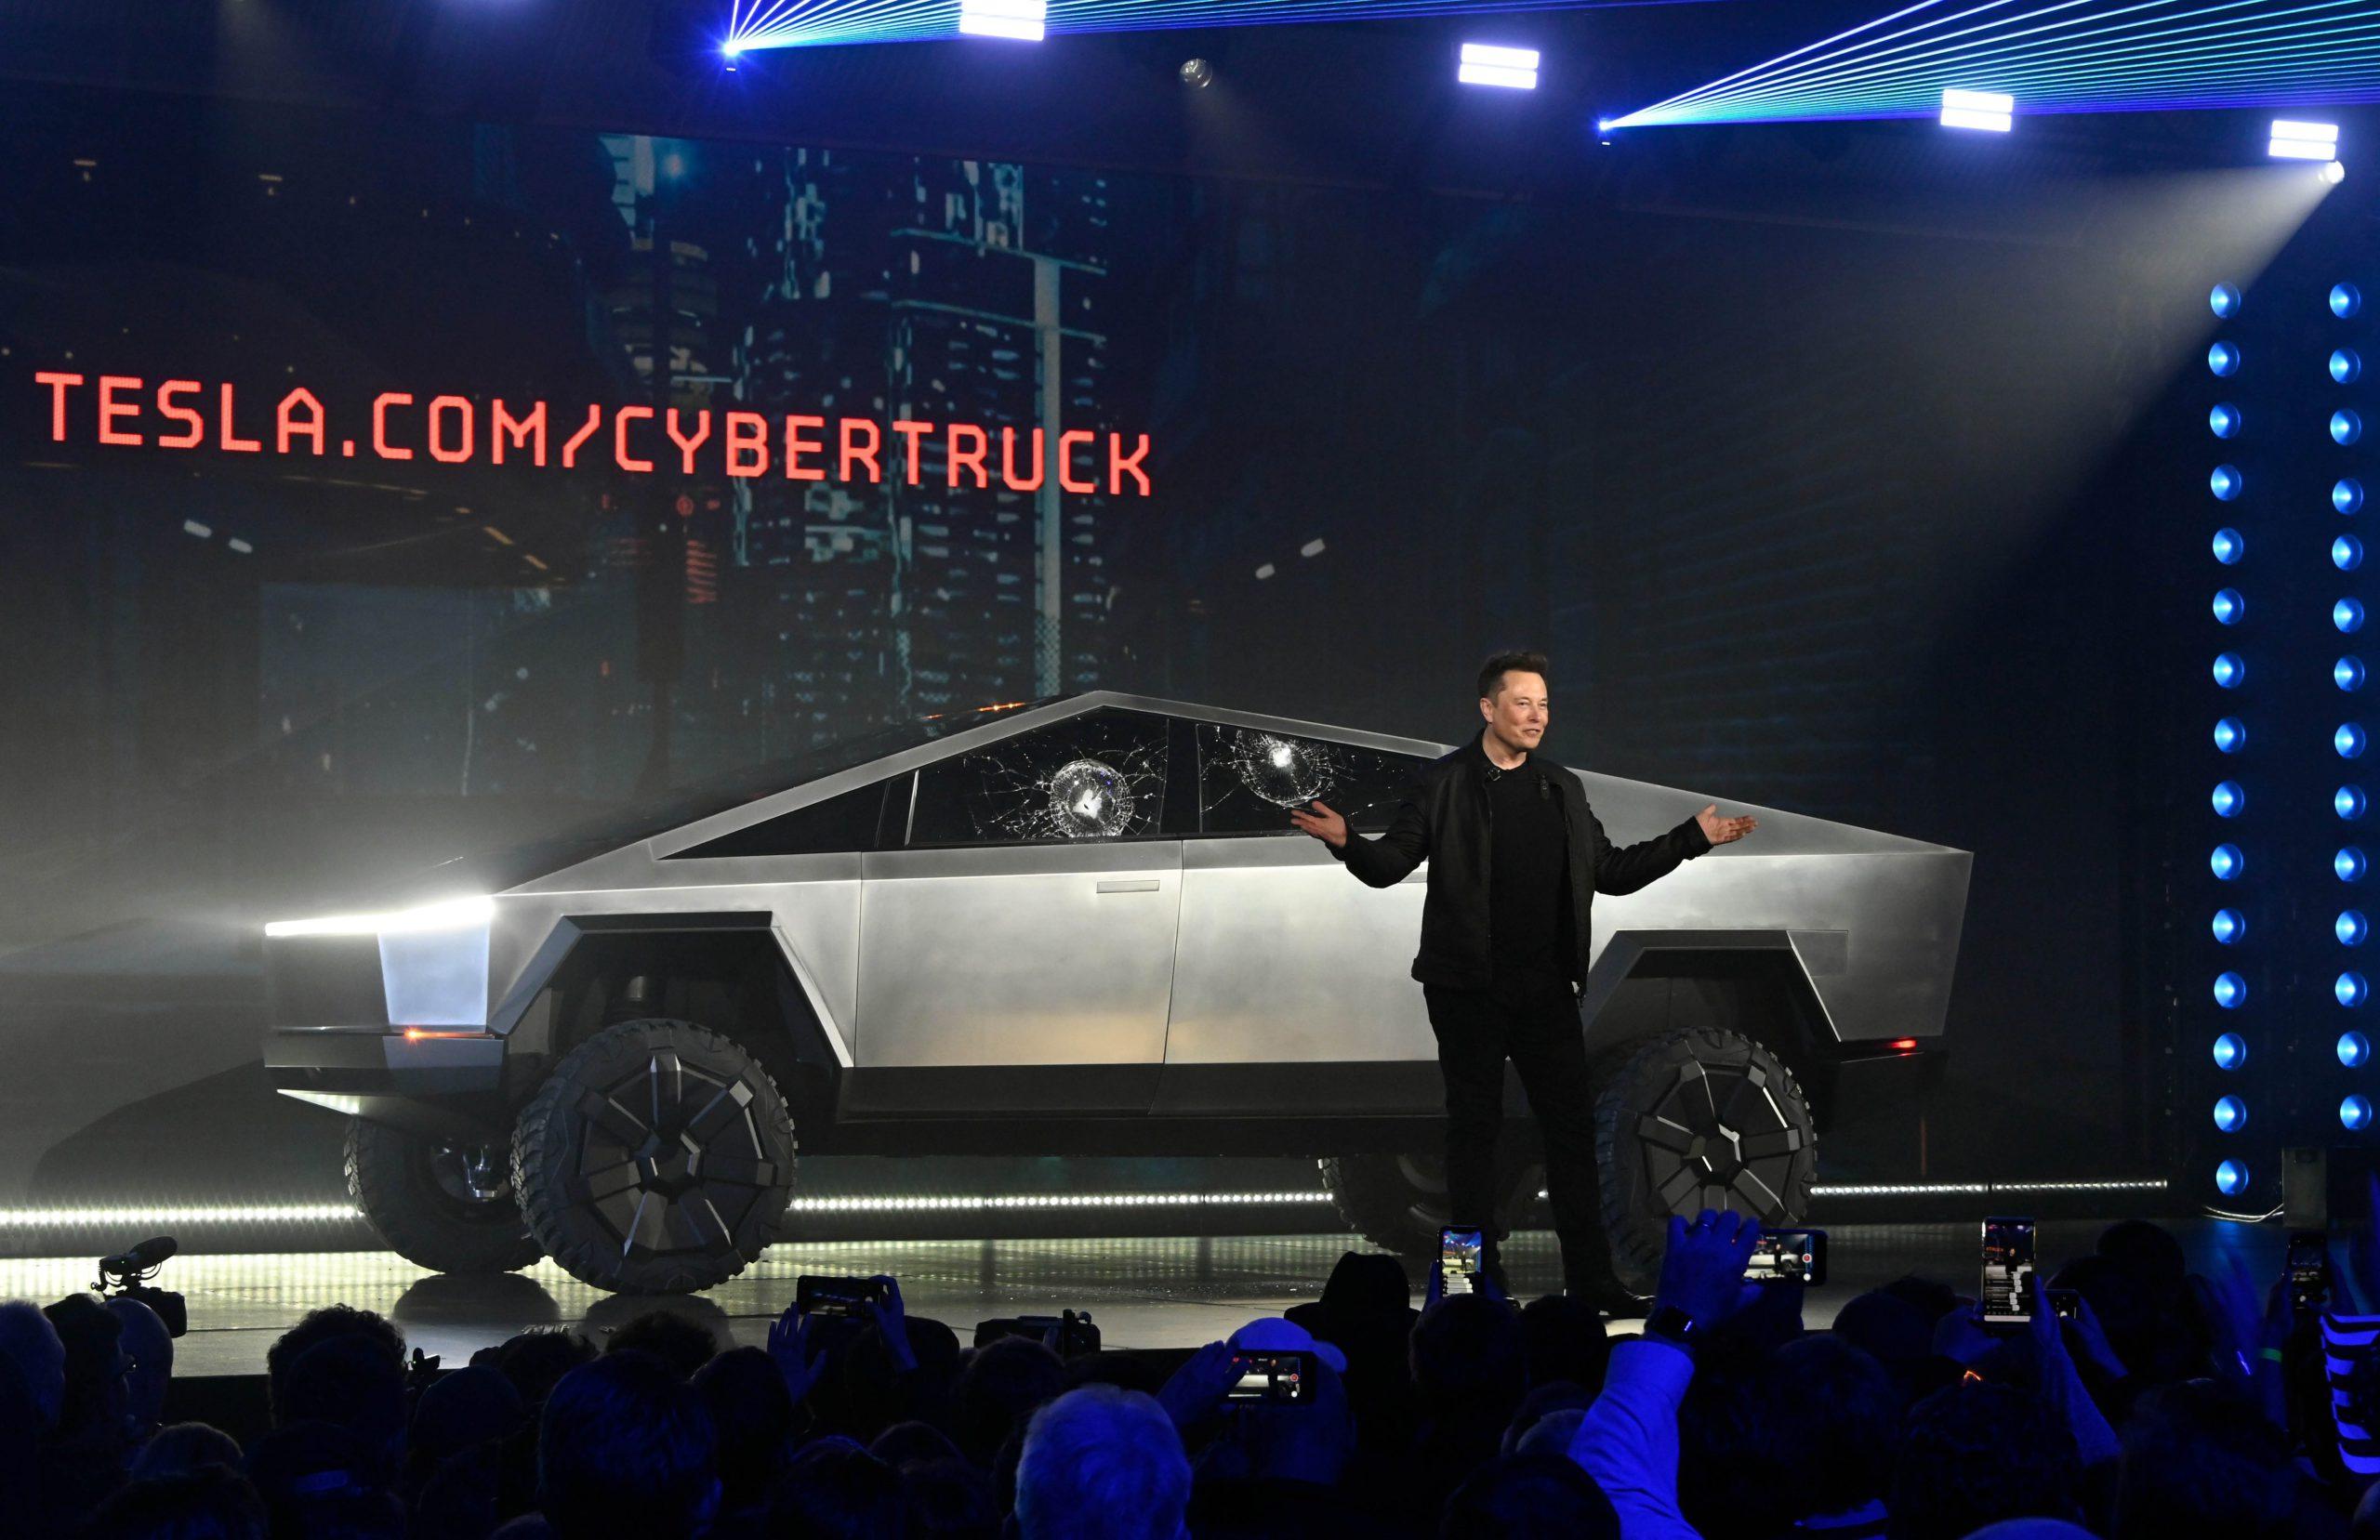 Deux jours seulement après le lancement de son pick-up électrique, Tesla annonce avoir reçu 146.000 commandes. Tandis qu'Elon Musk voit sa valeur nette dégringoler.